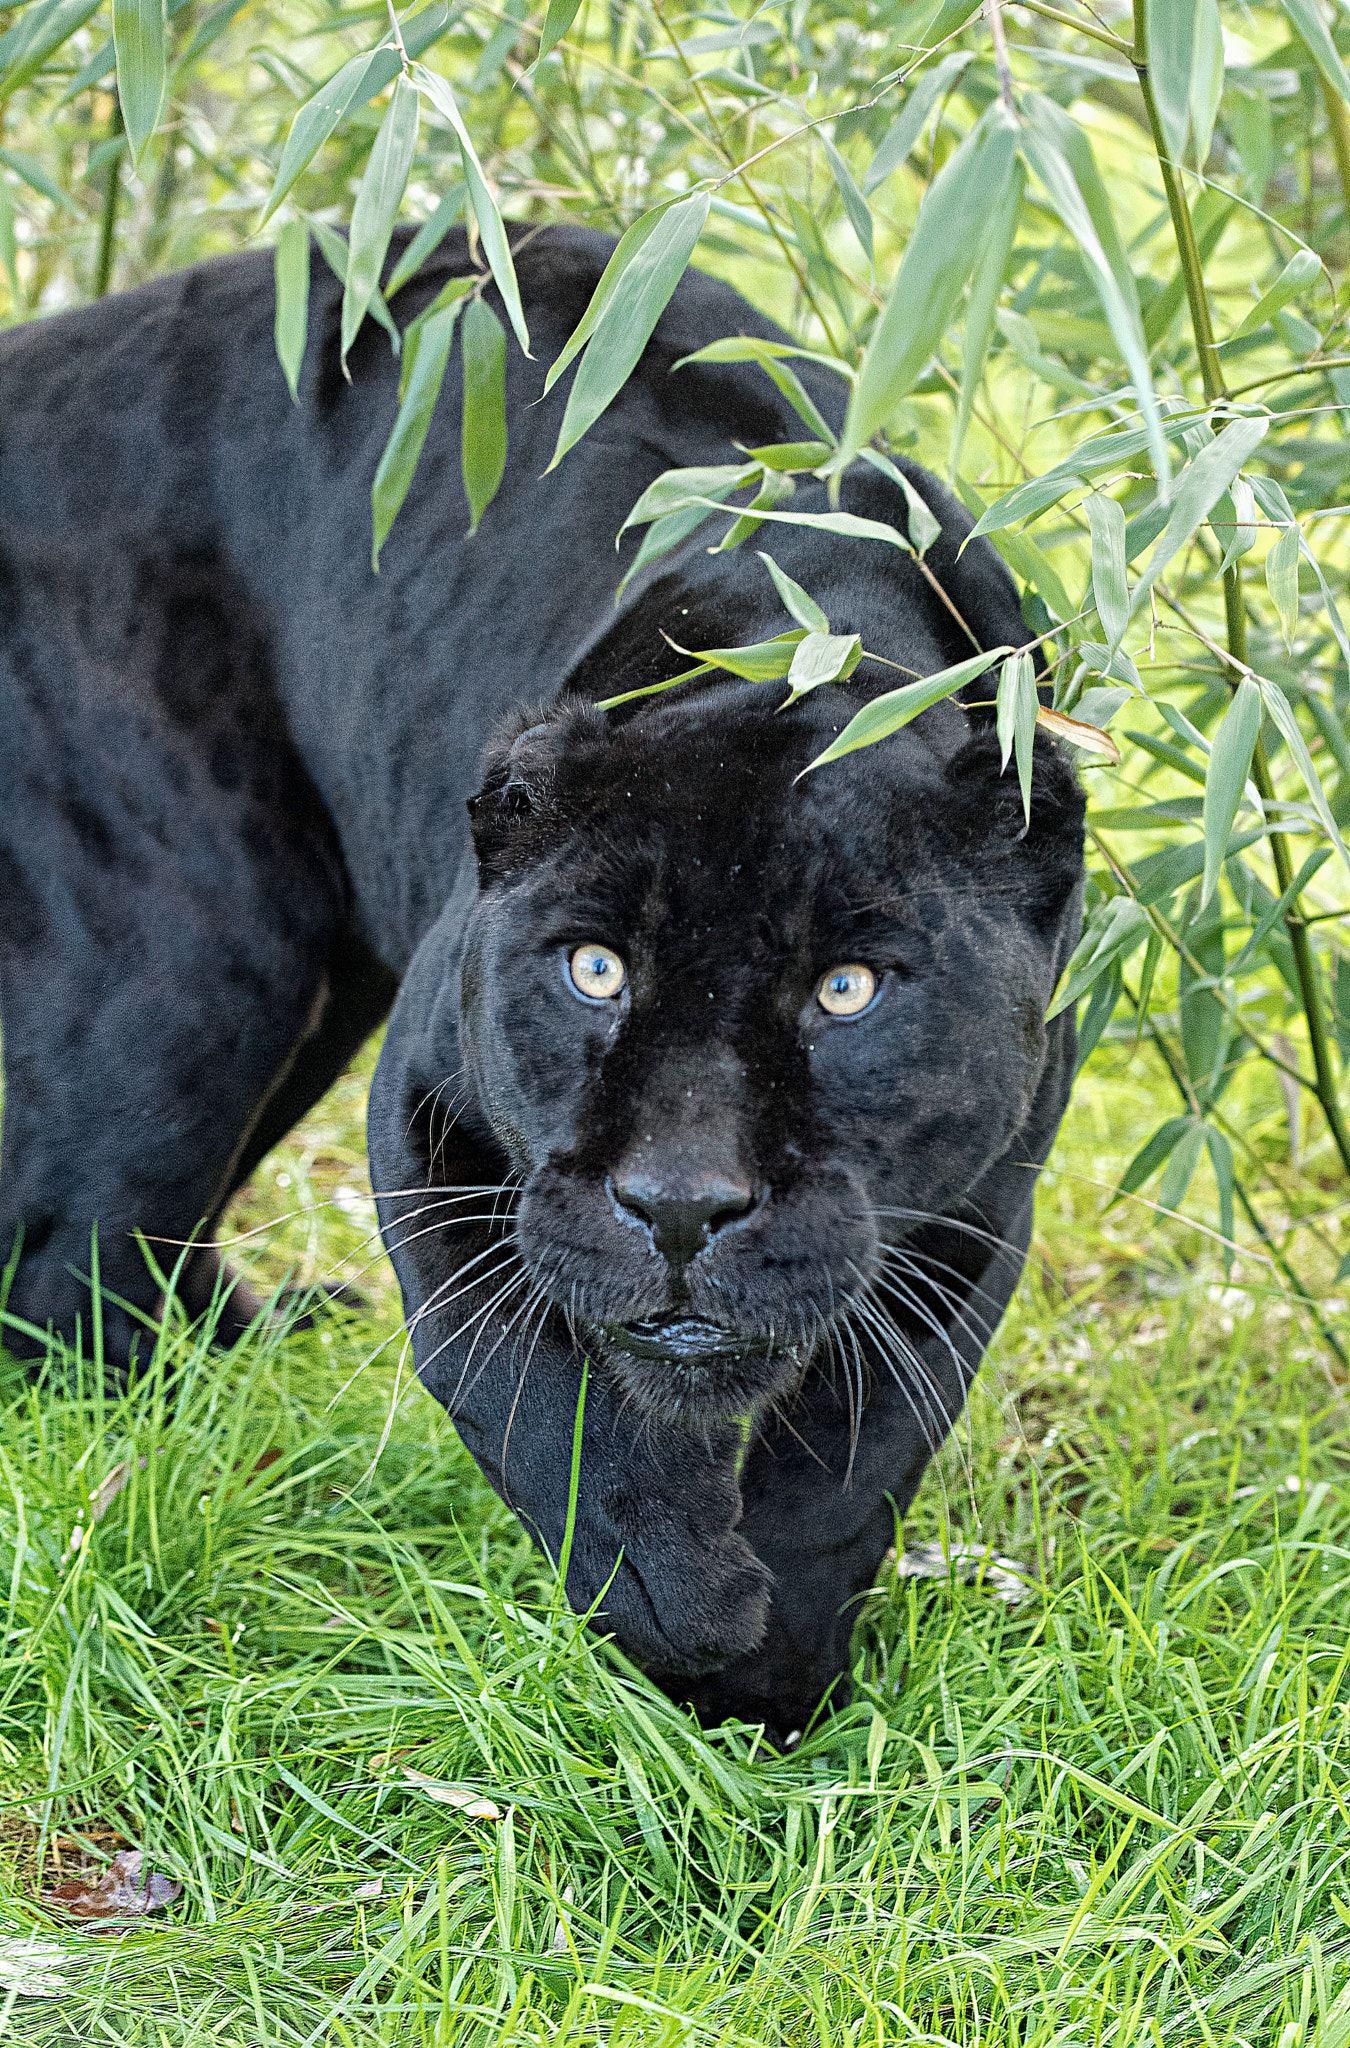 Black Jaguar Series - Taken at The Big Cat Sanctuary in Kent ...